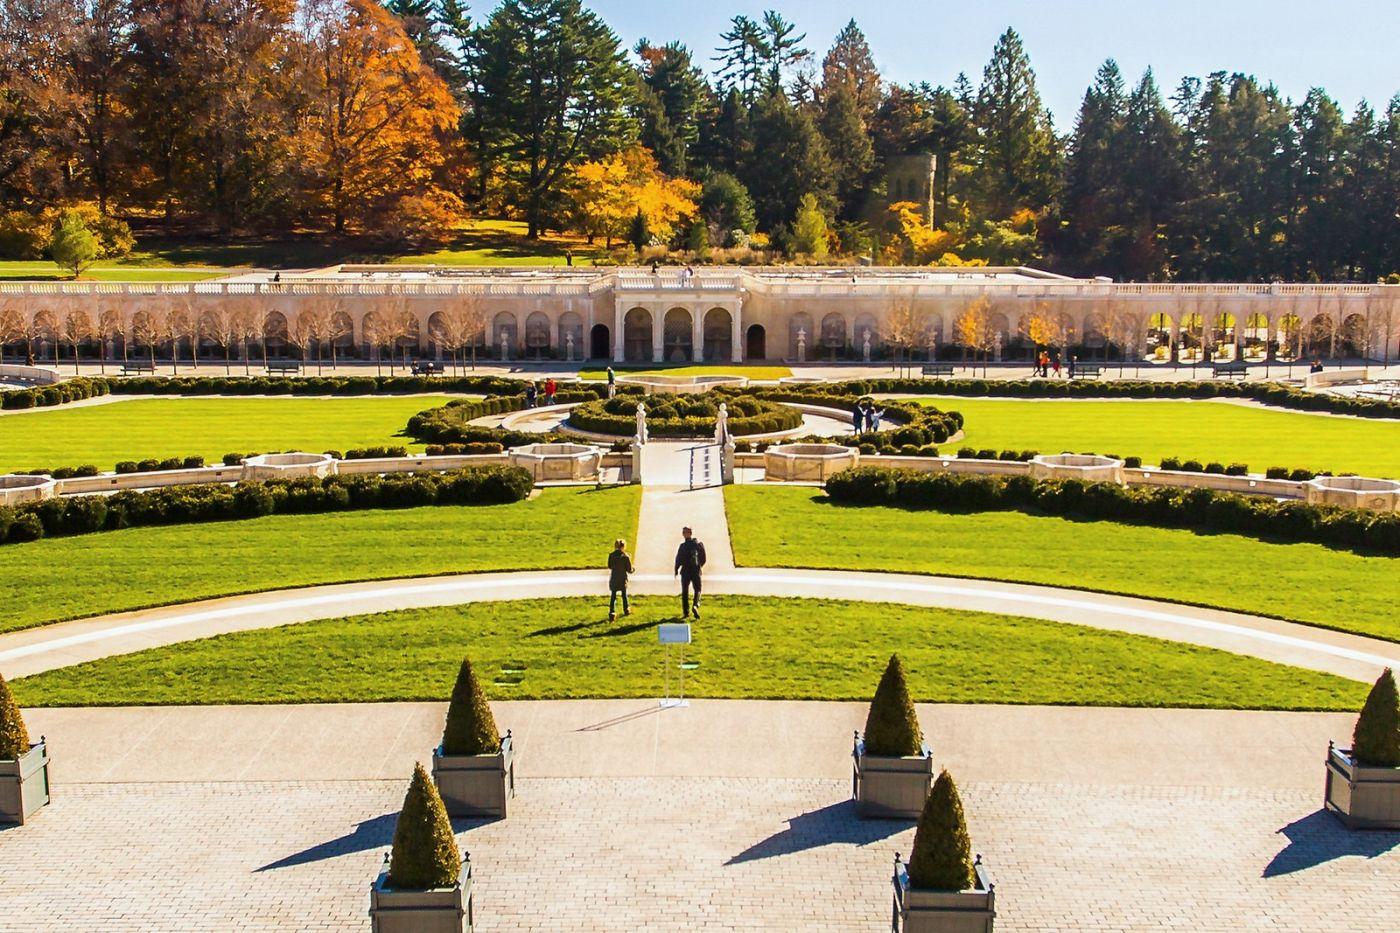 宾州长木公园,熟悉的景色_图1-28